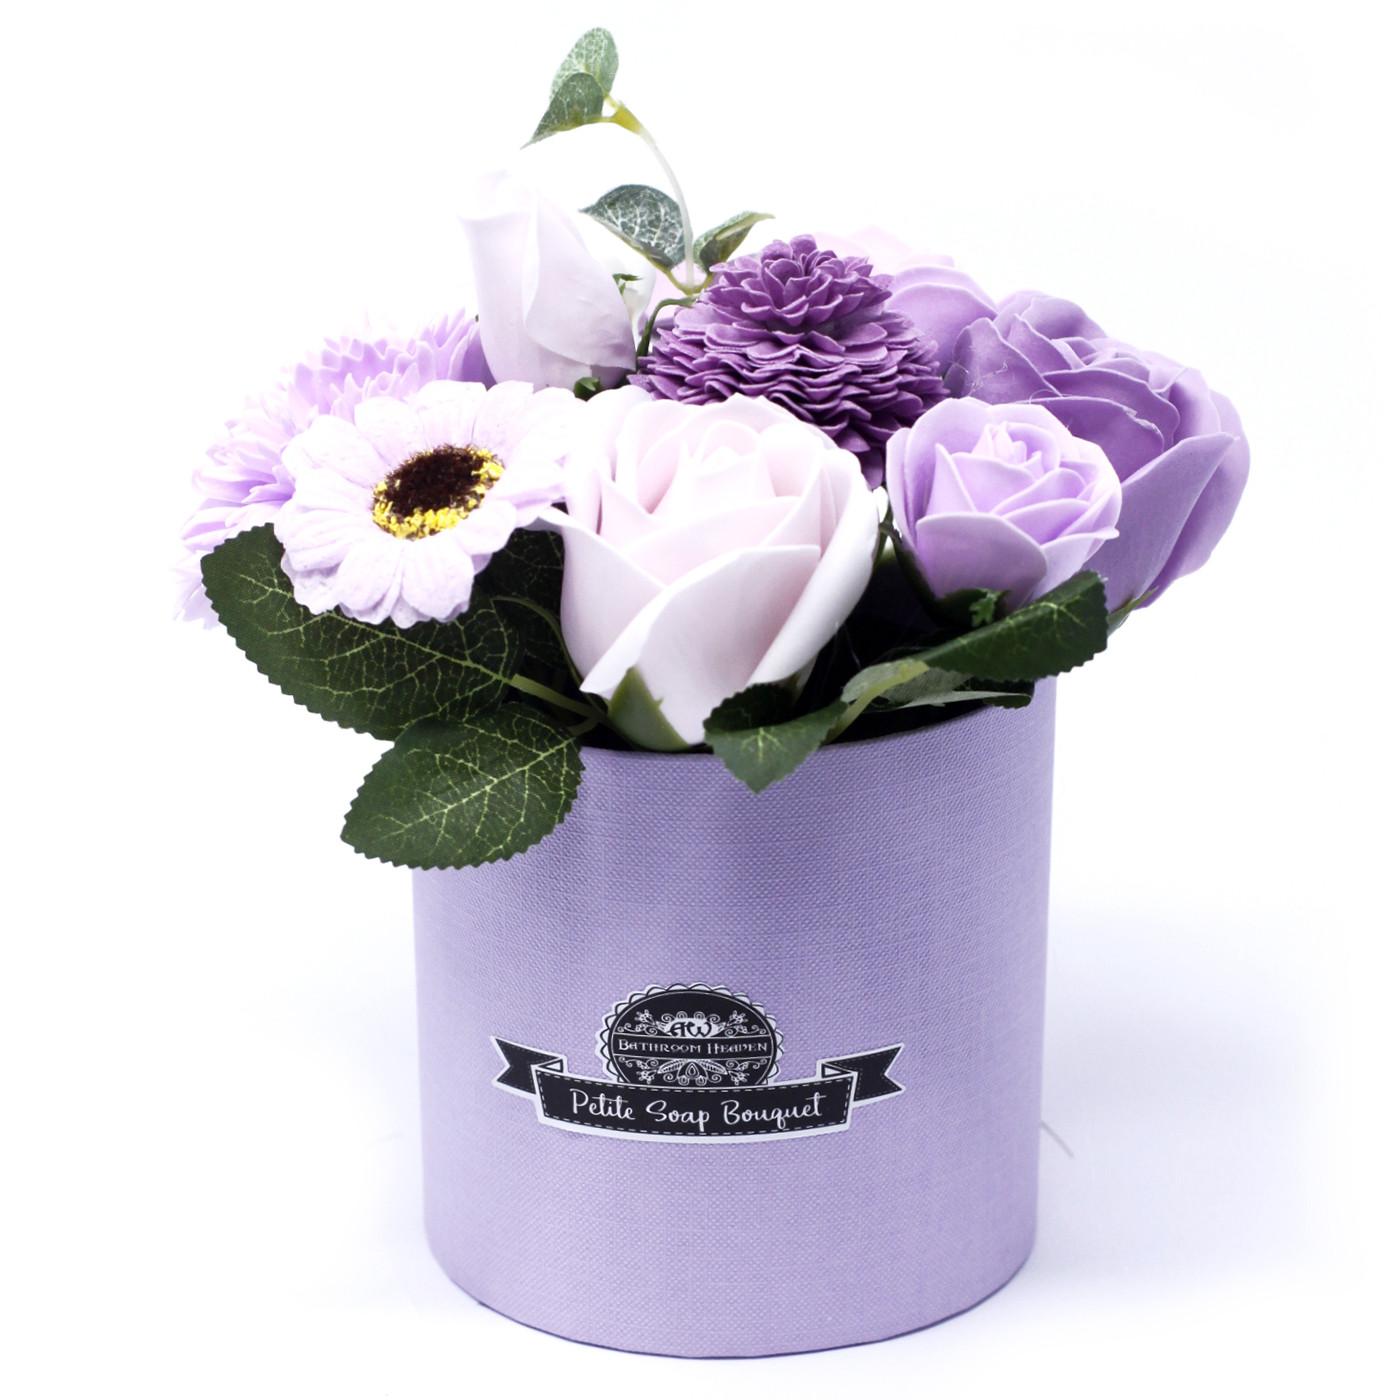 Bouquet Petite Gift Pot Soft Lavender